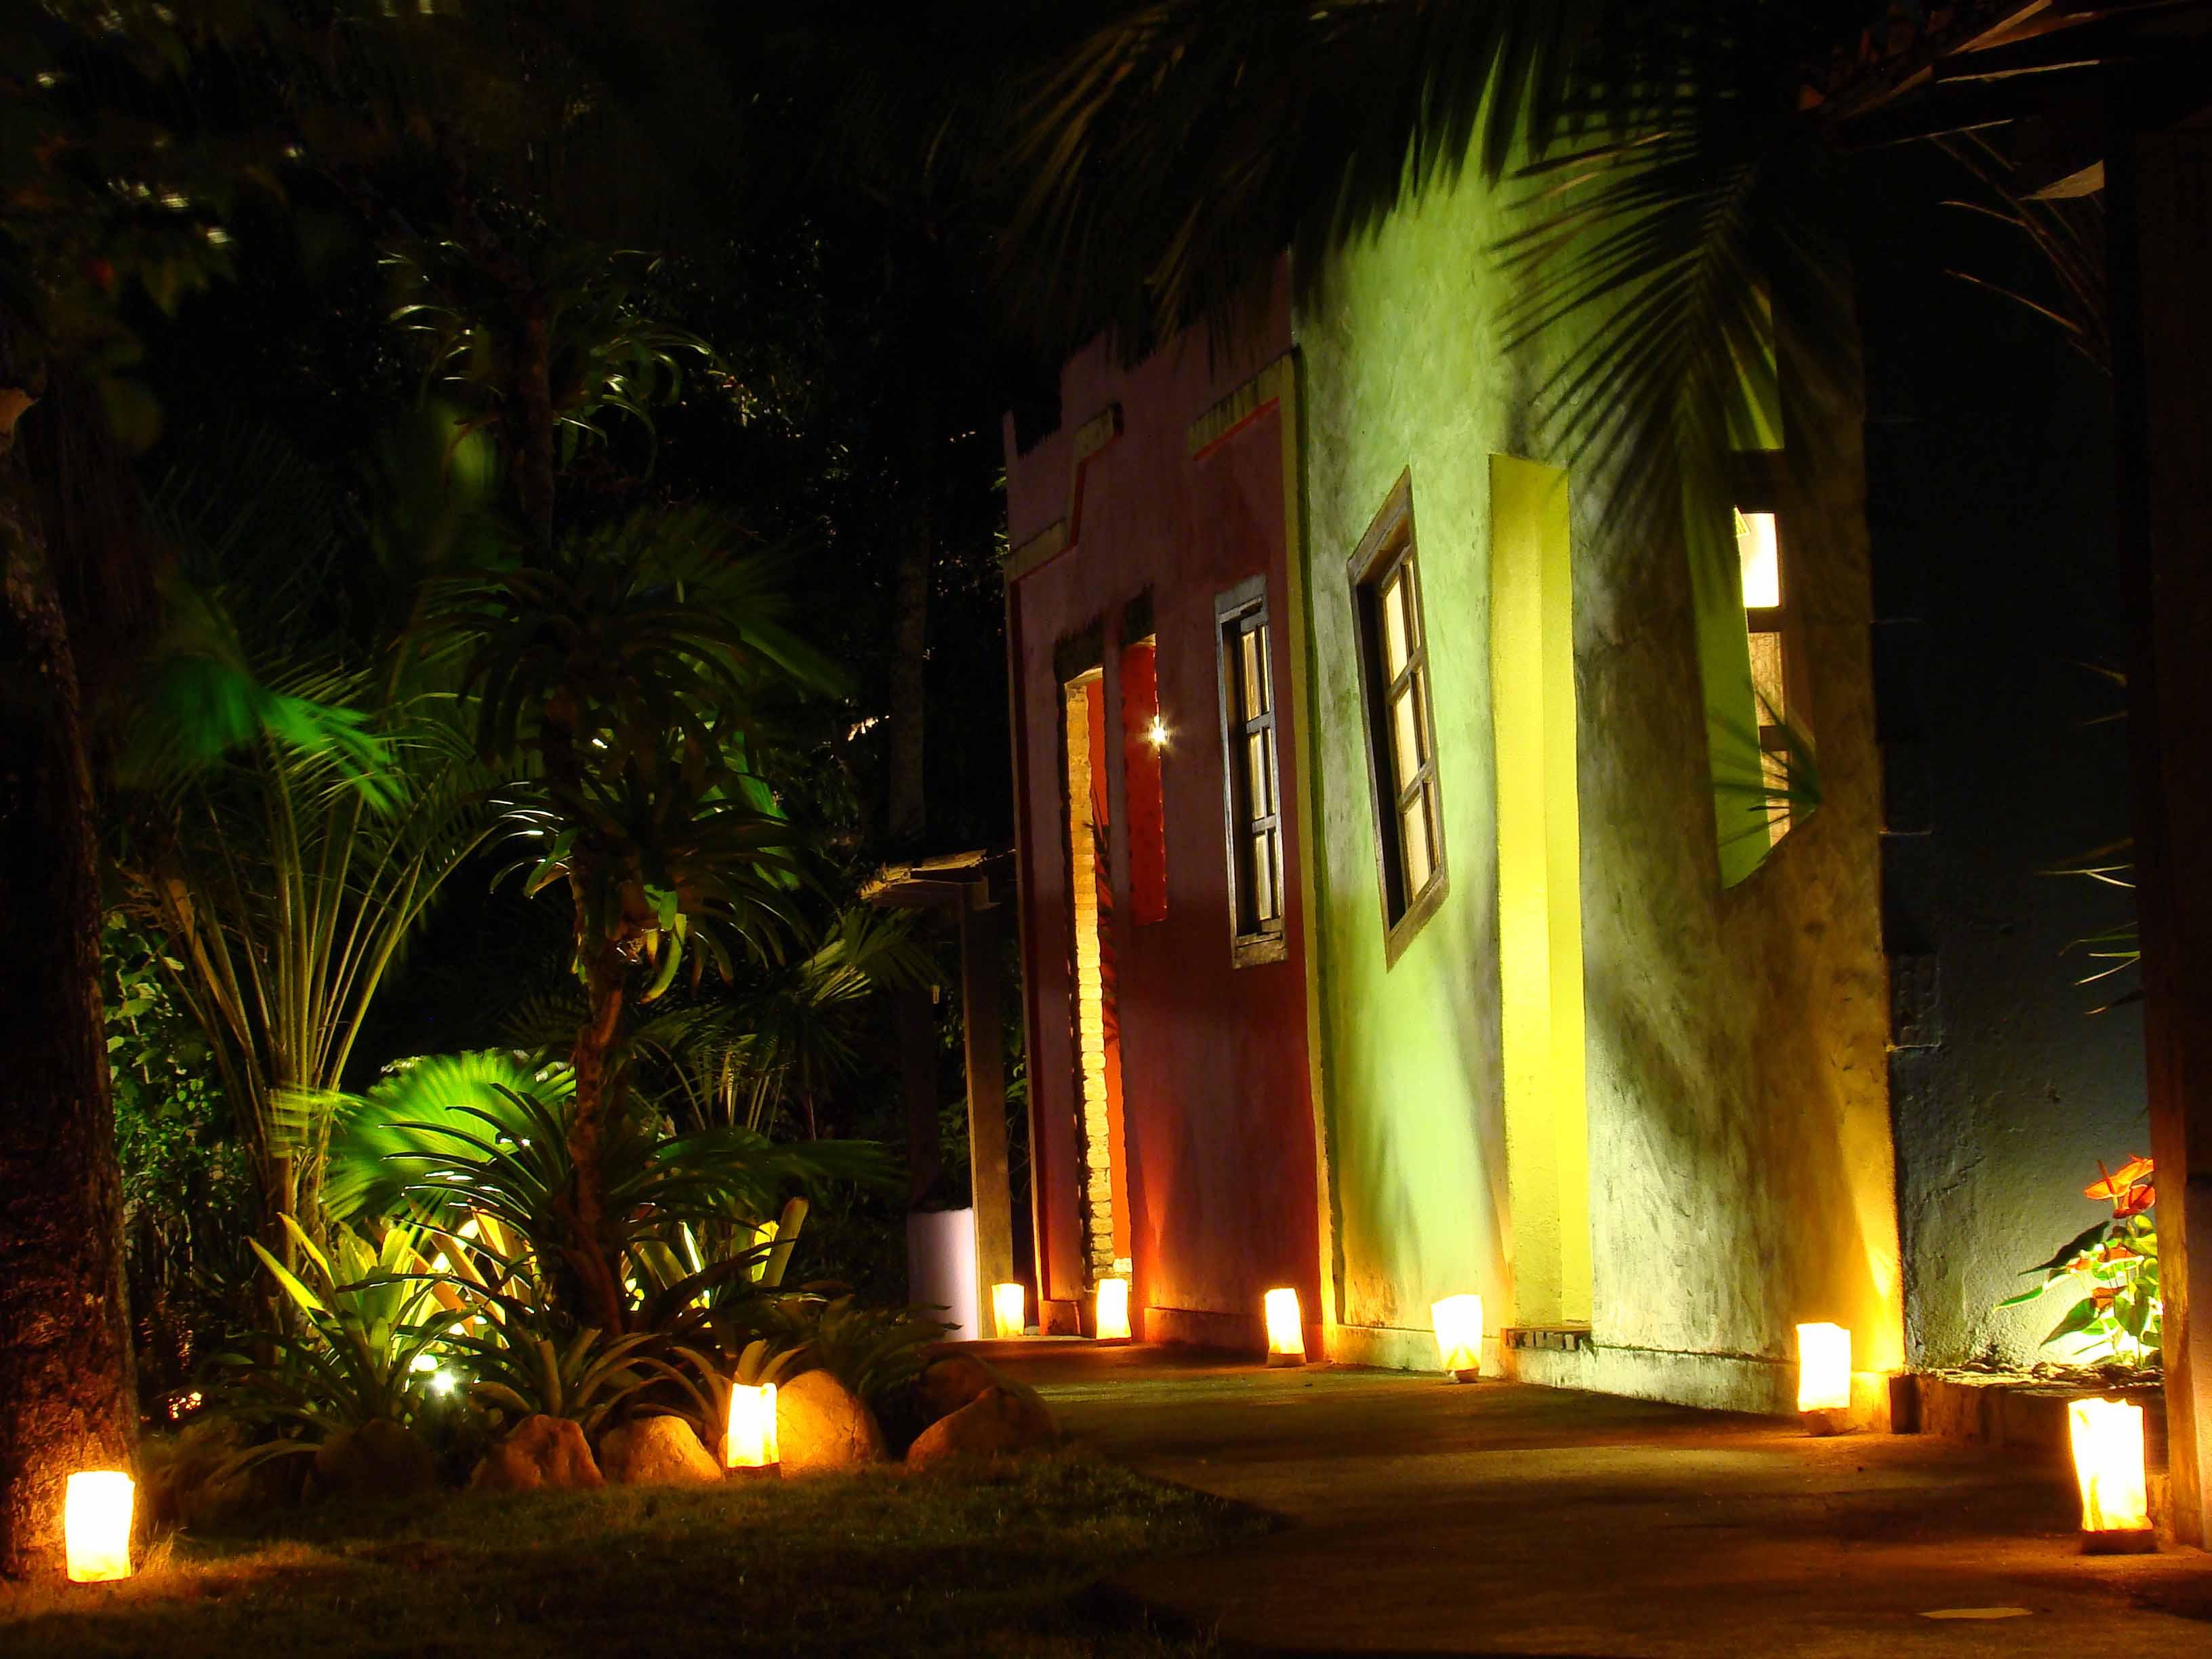 fotos-externas-noite